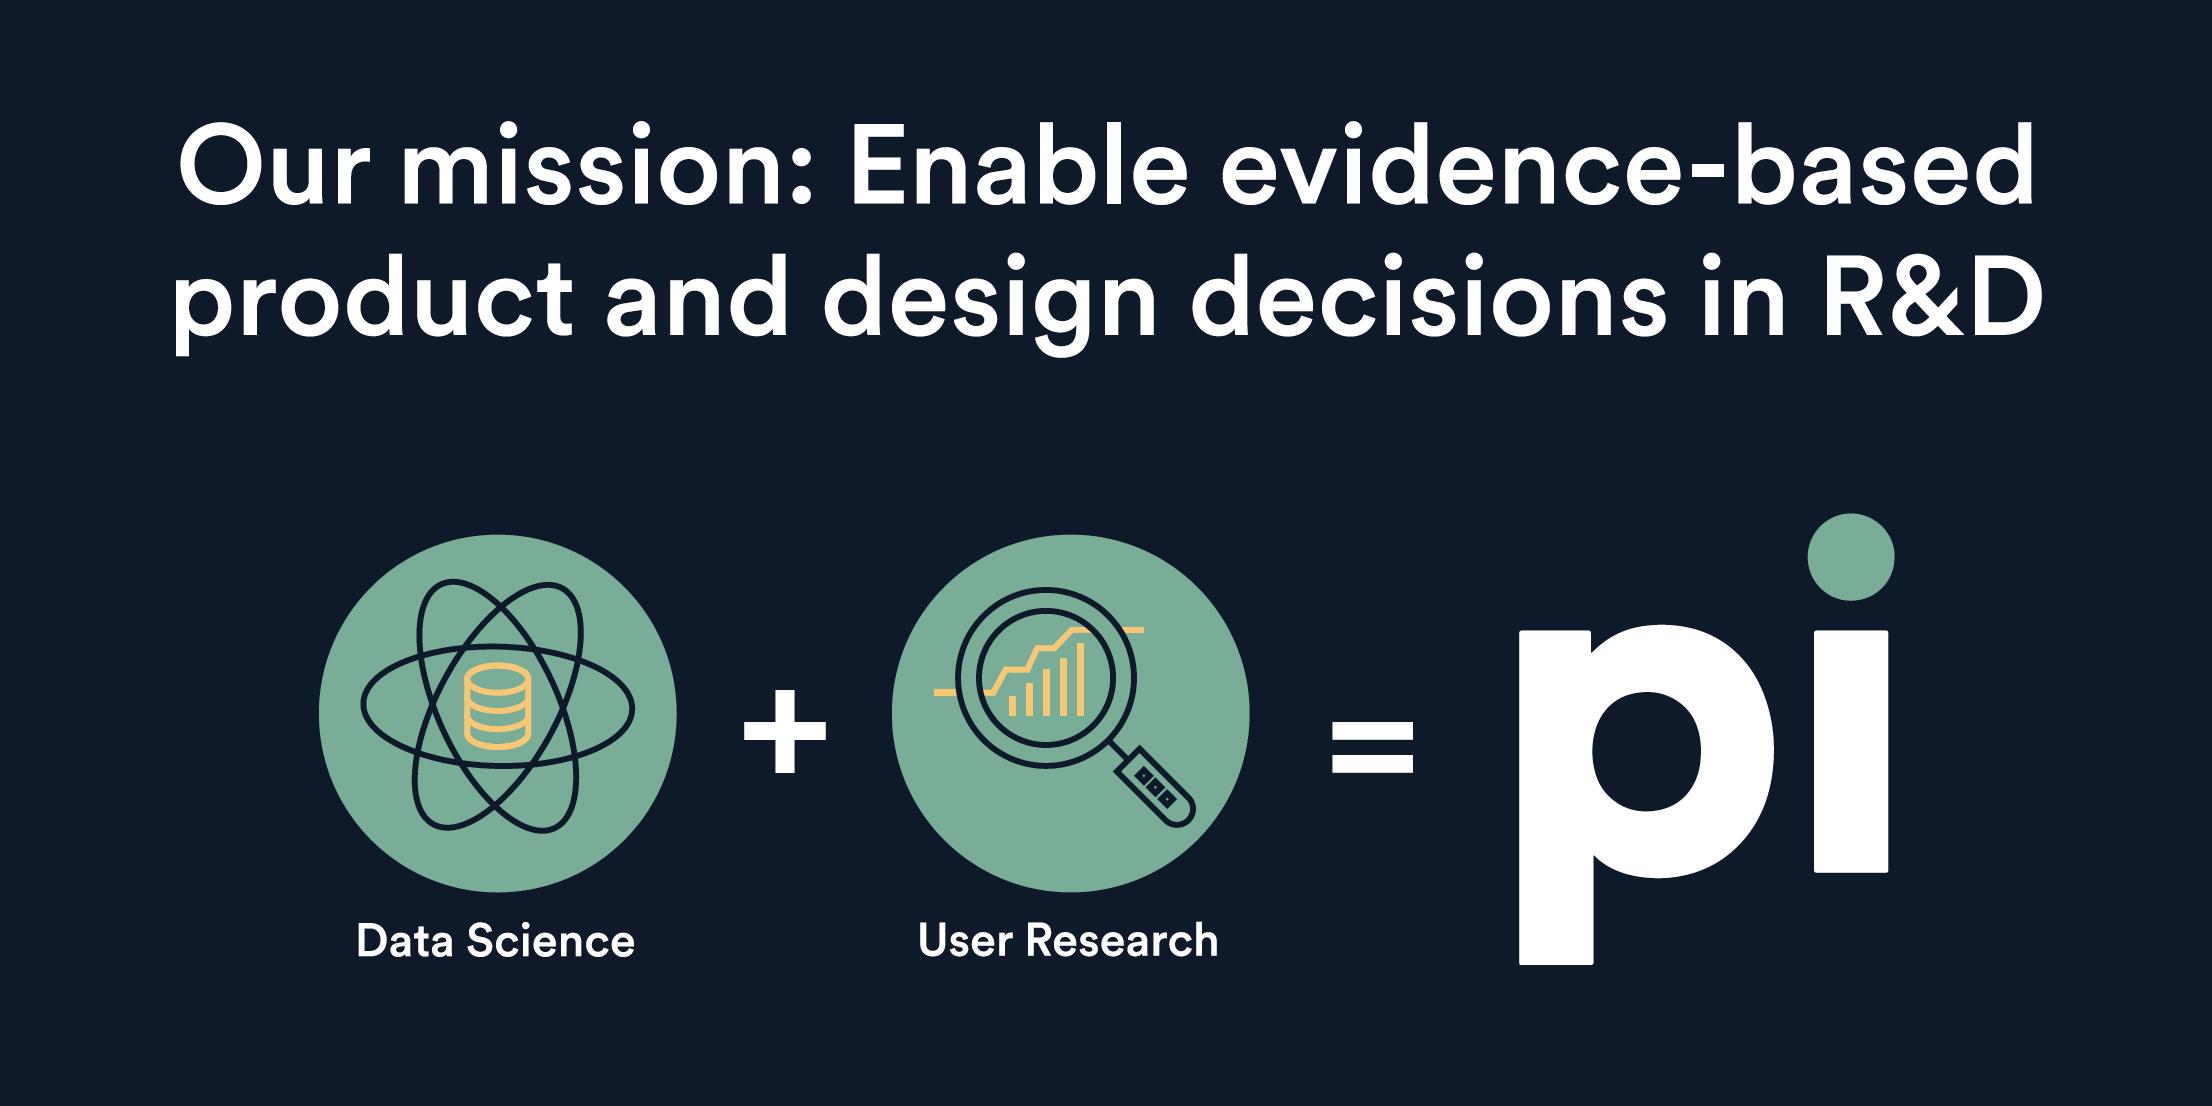 Cross-disciplinary Insights Teams: Integrating Data